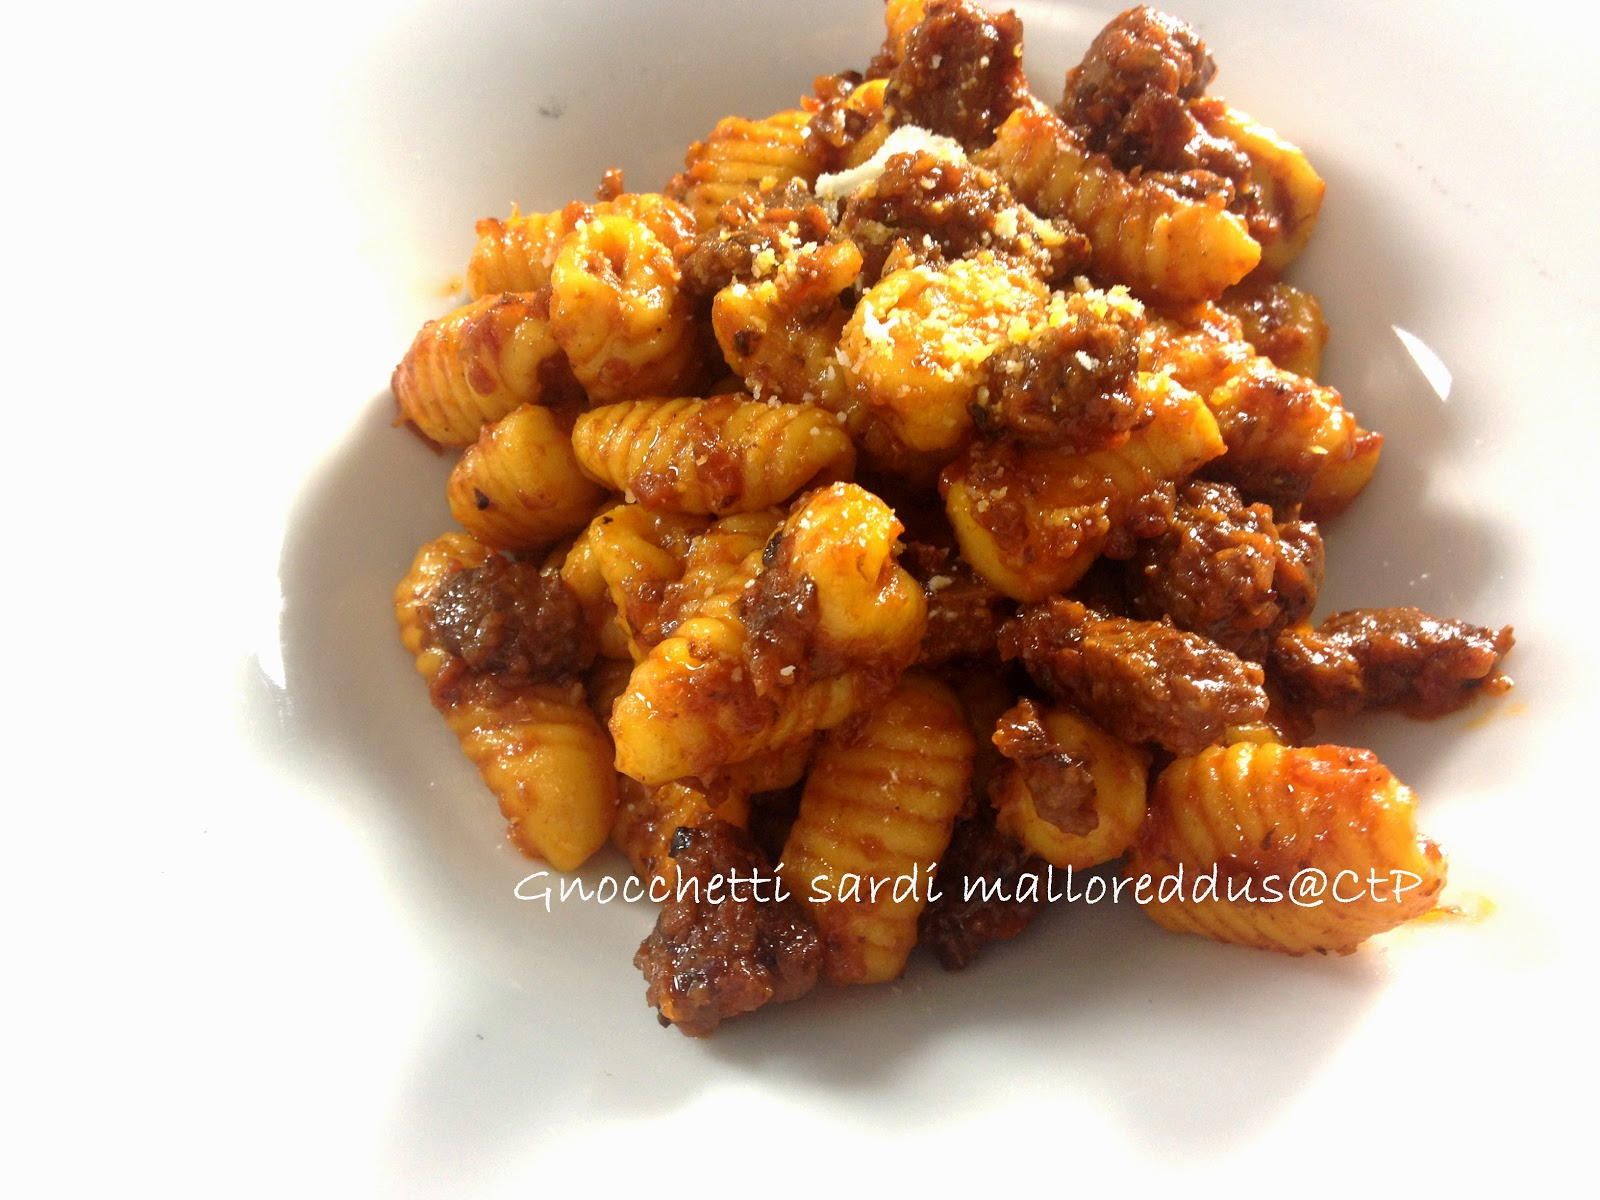 gnocchetti sardi malloreddus con ragu di salsiccia  e cipolla